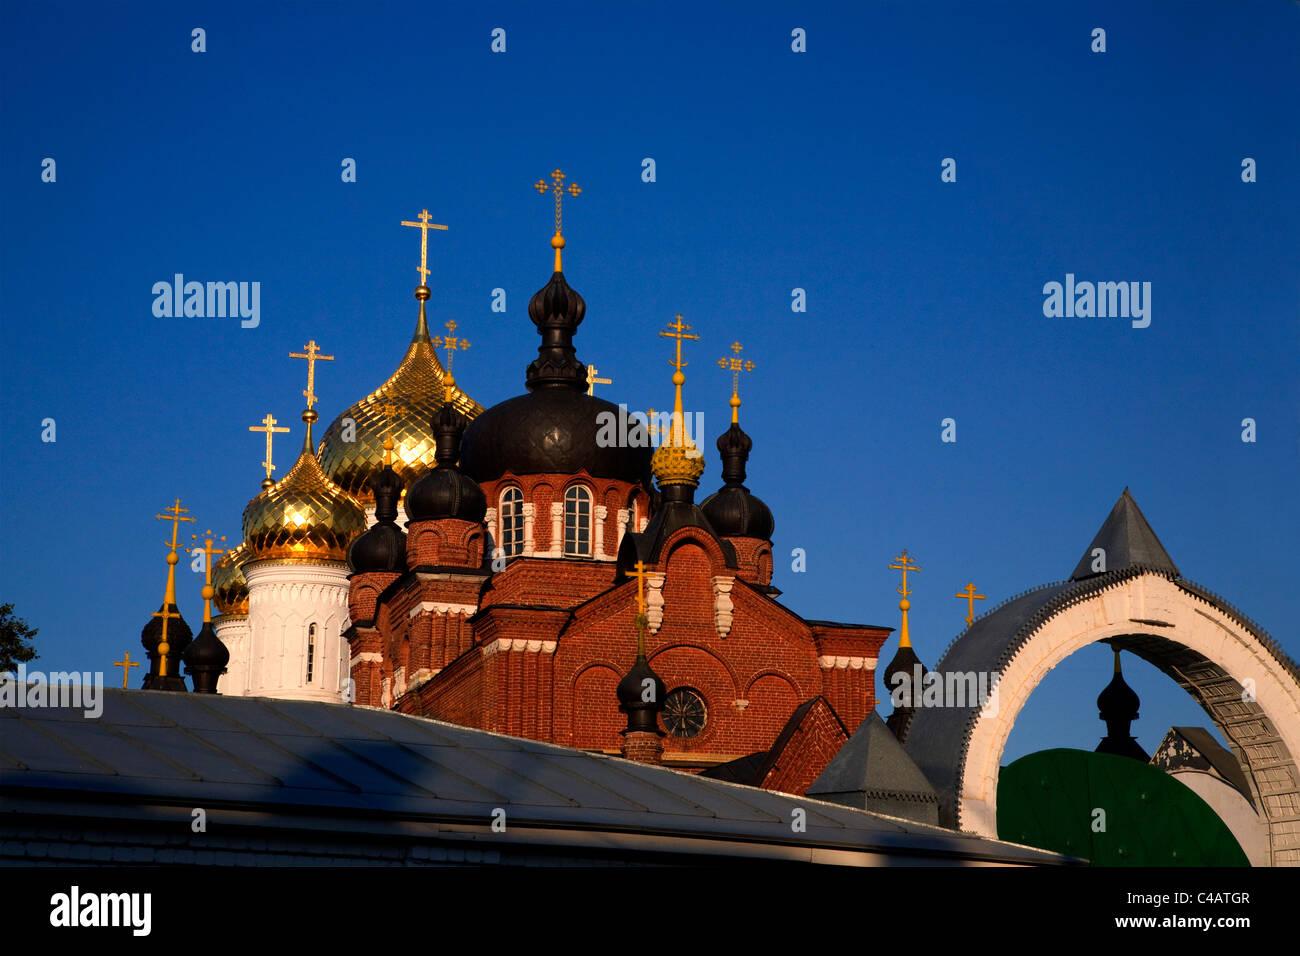 Russia, Golden Ring, Kostroma; The Bogoyavlensko-Anastasin Monastery in the historical centre Stock Photo